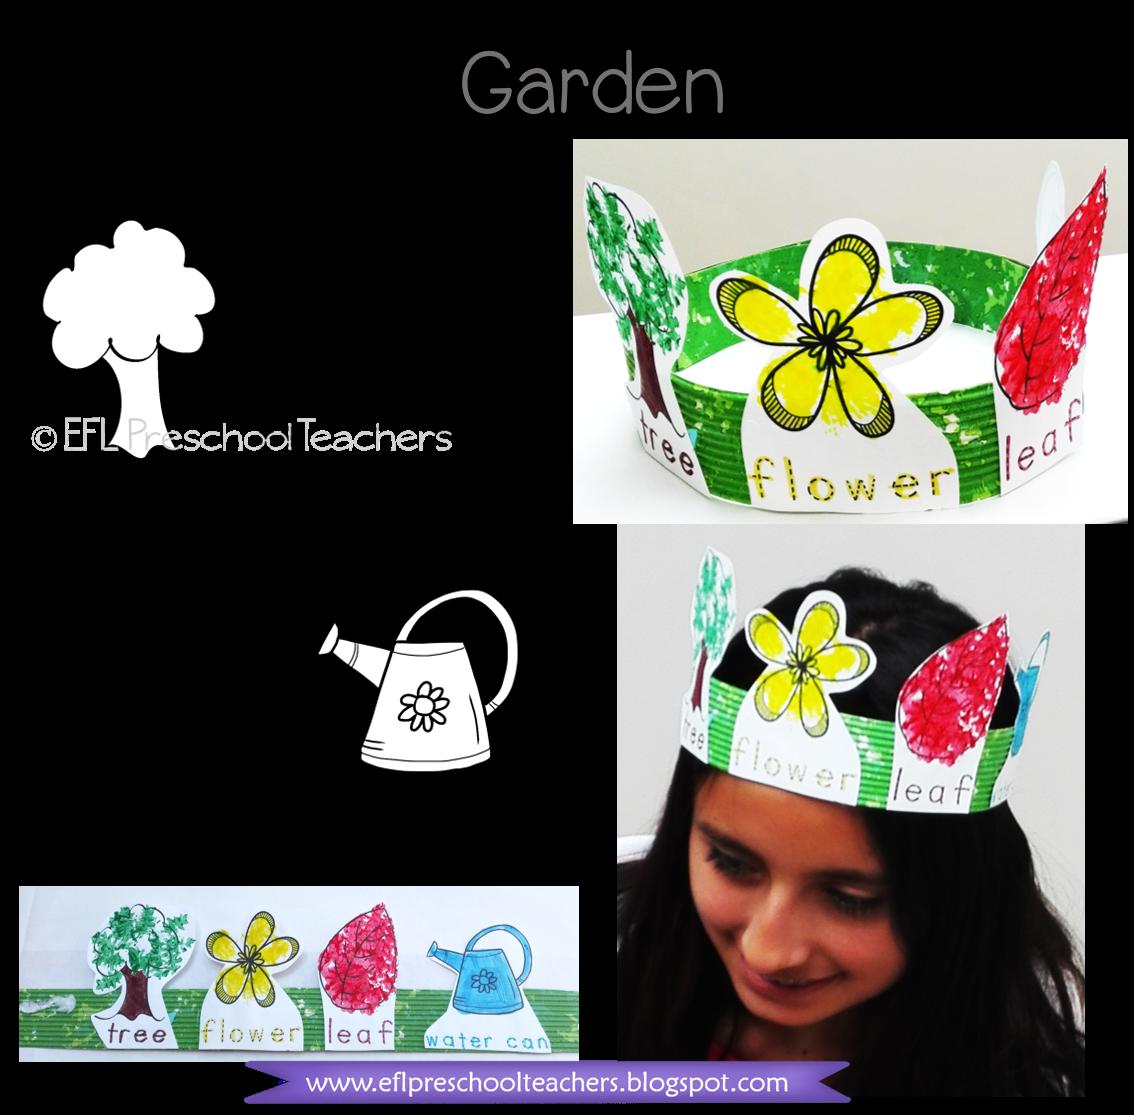 Esl Garden Worksheets Kindergarten Schools Resource Classroom Garden Theme [ 1115 x 1134 Pixel ]